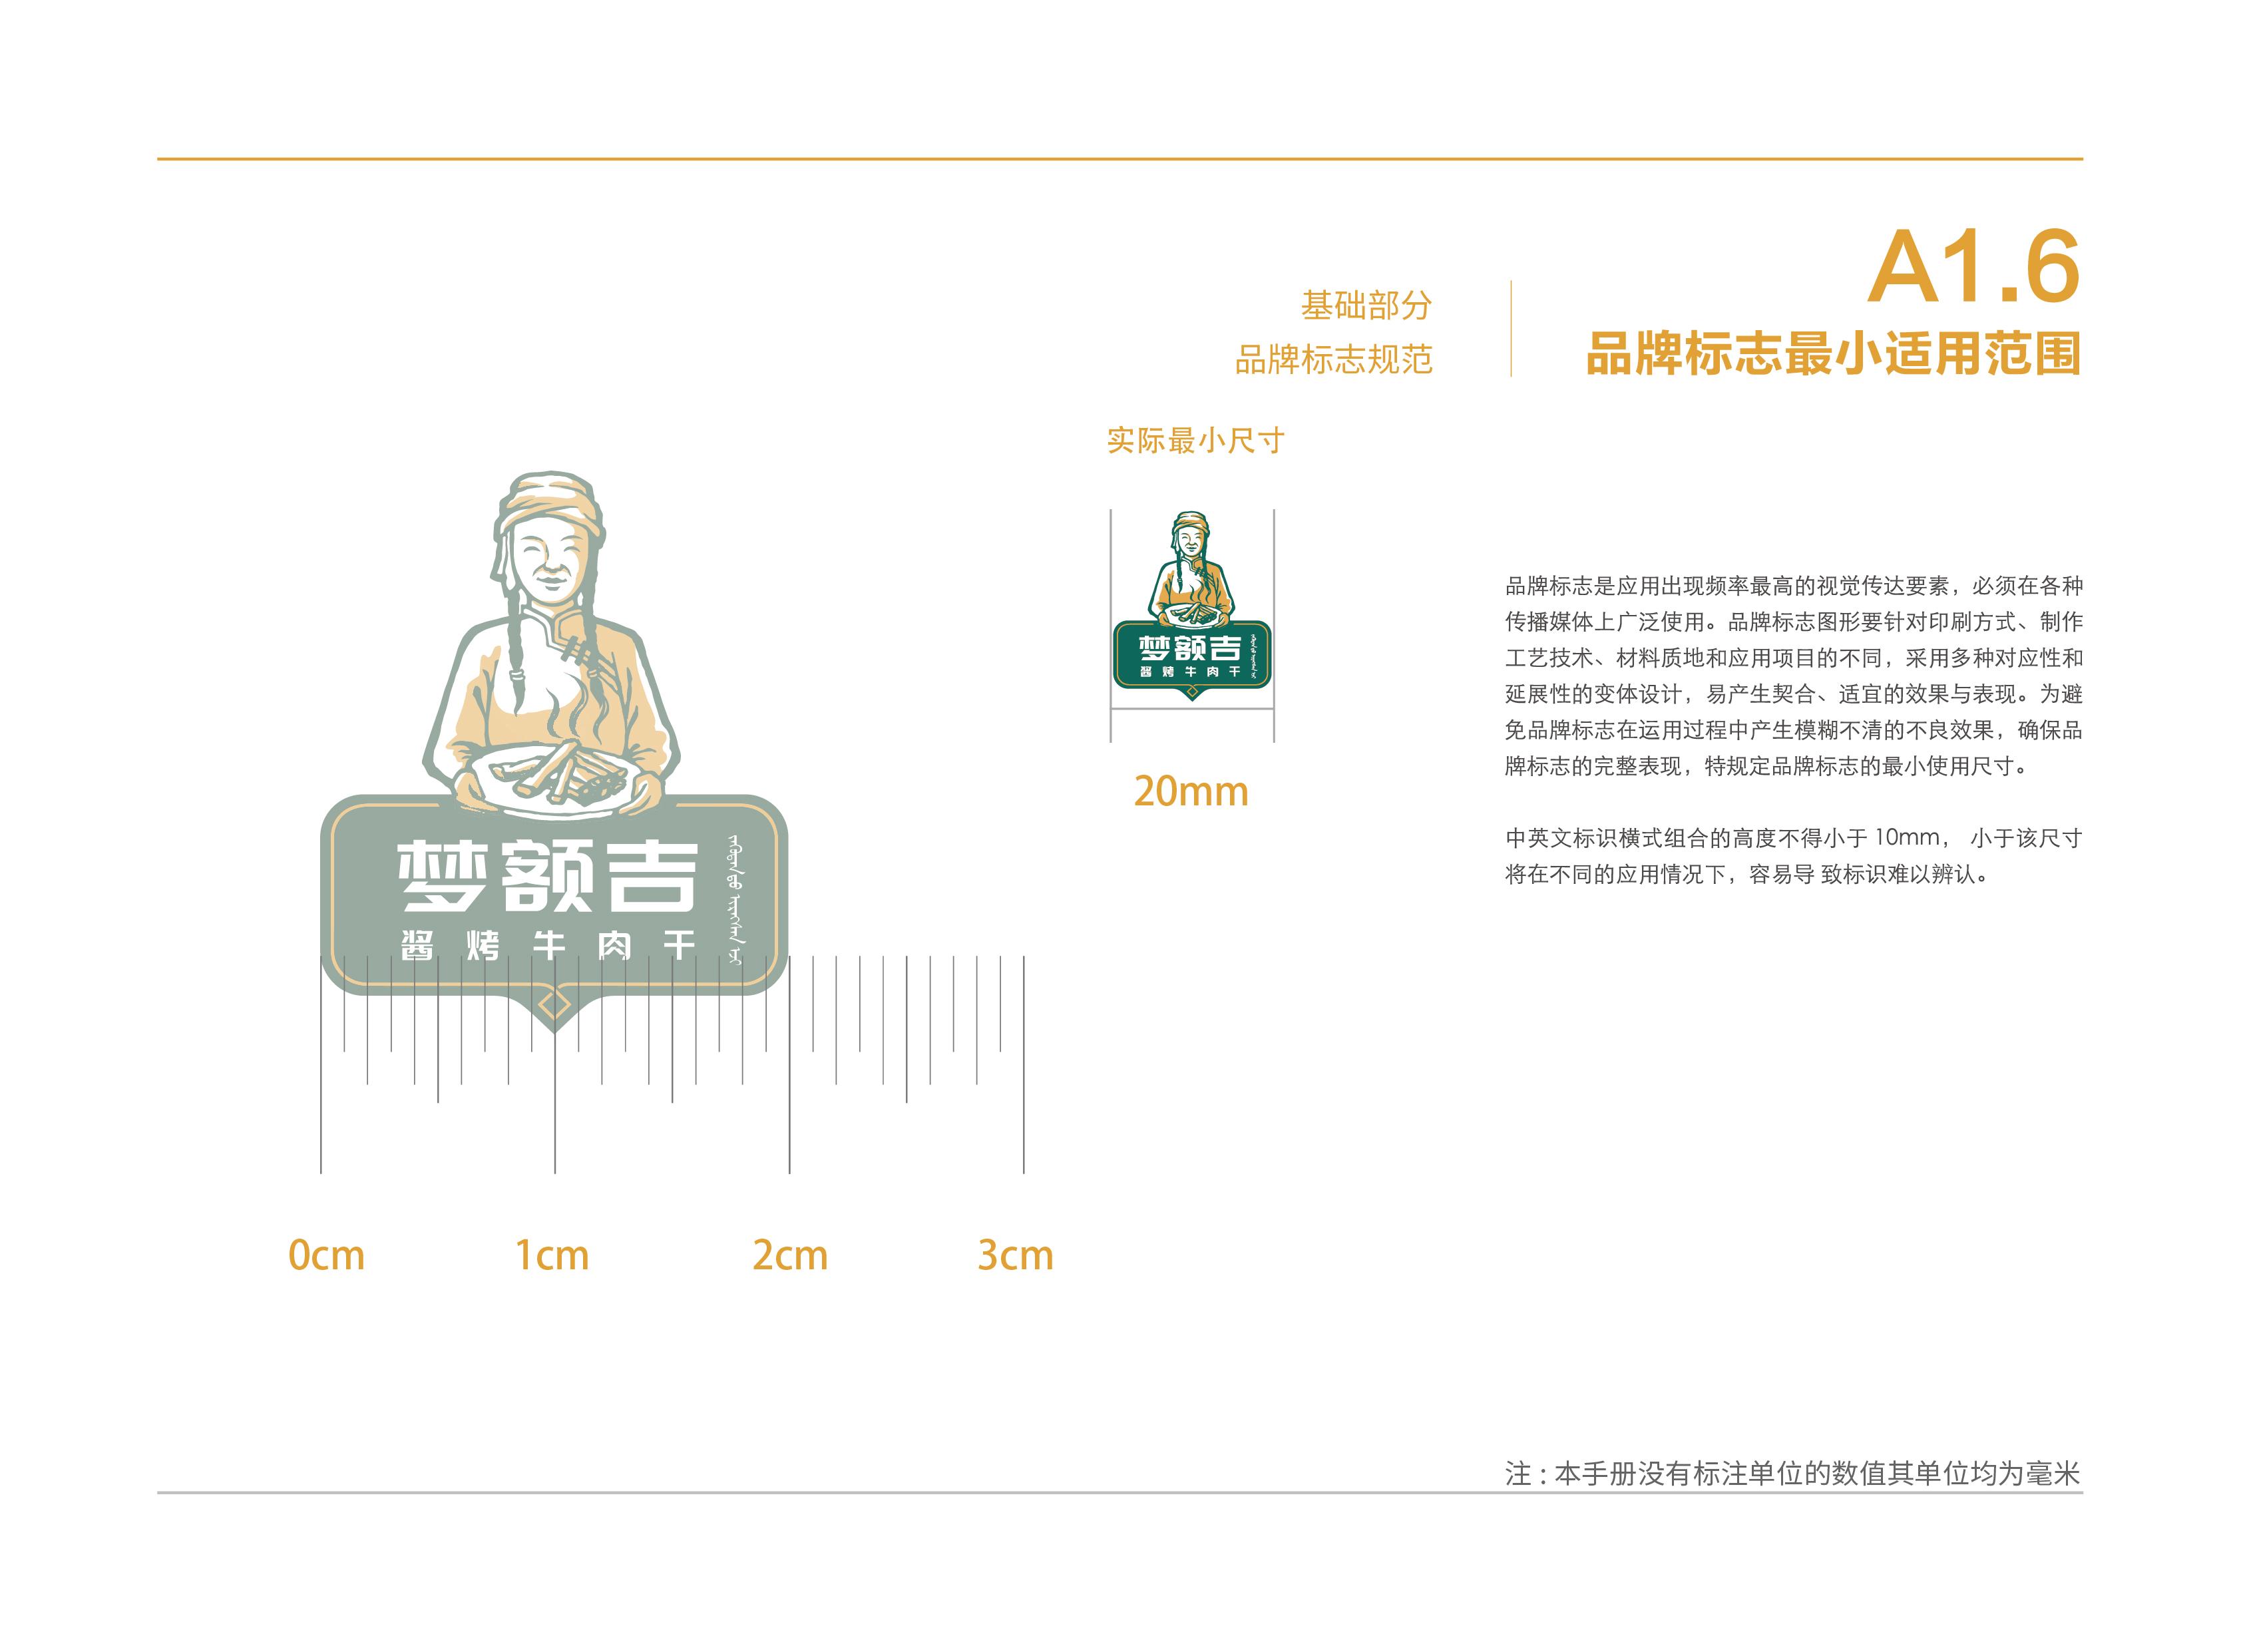 夢額吉VI手冊-11